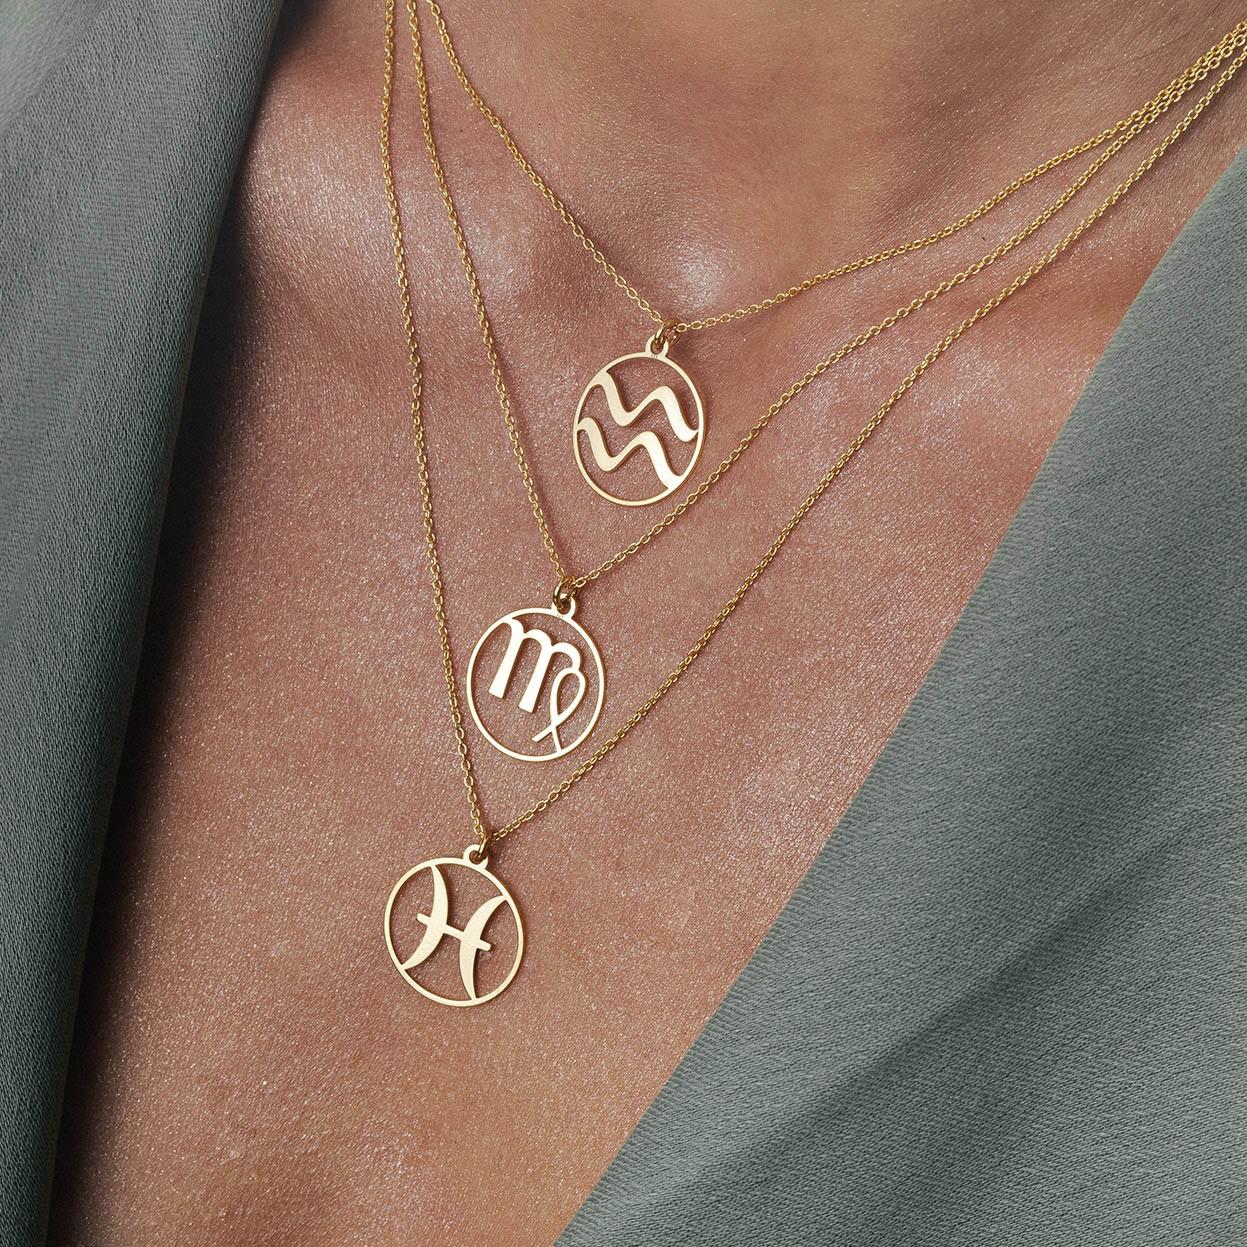 Naszyjnik znak zodiaku WODNIK z kryształem Swarovskiego srebro 925